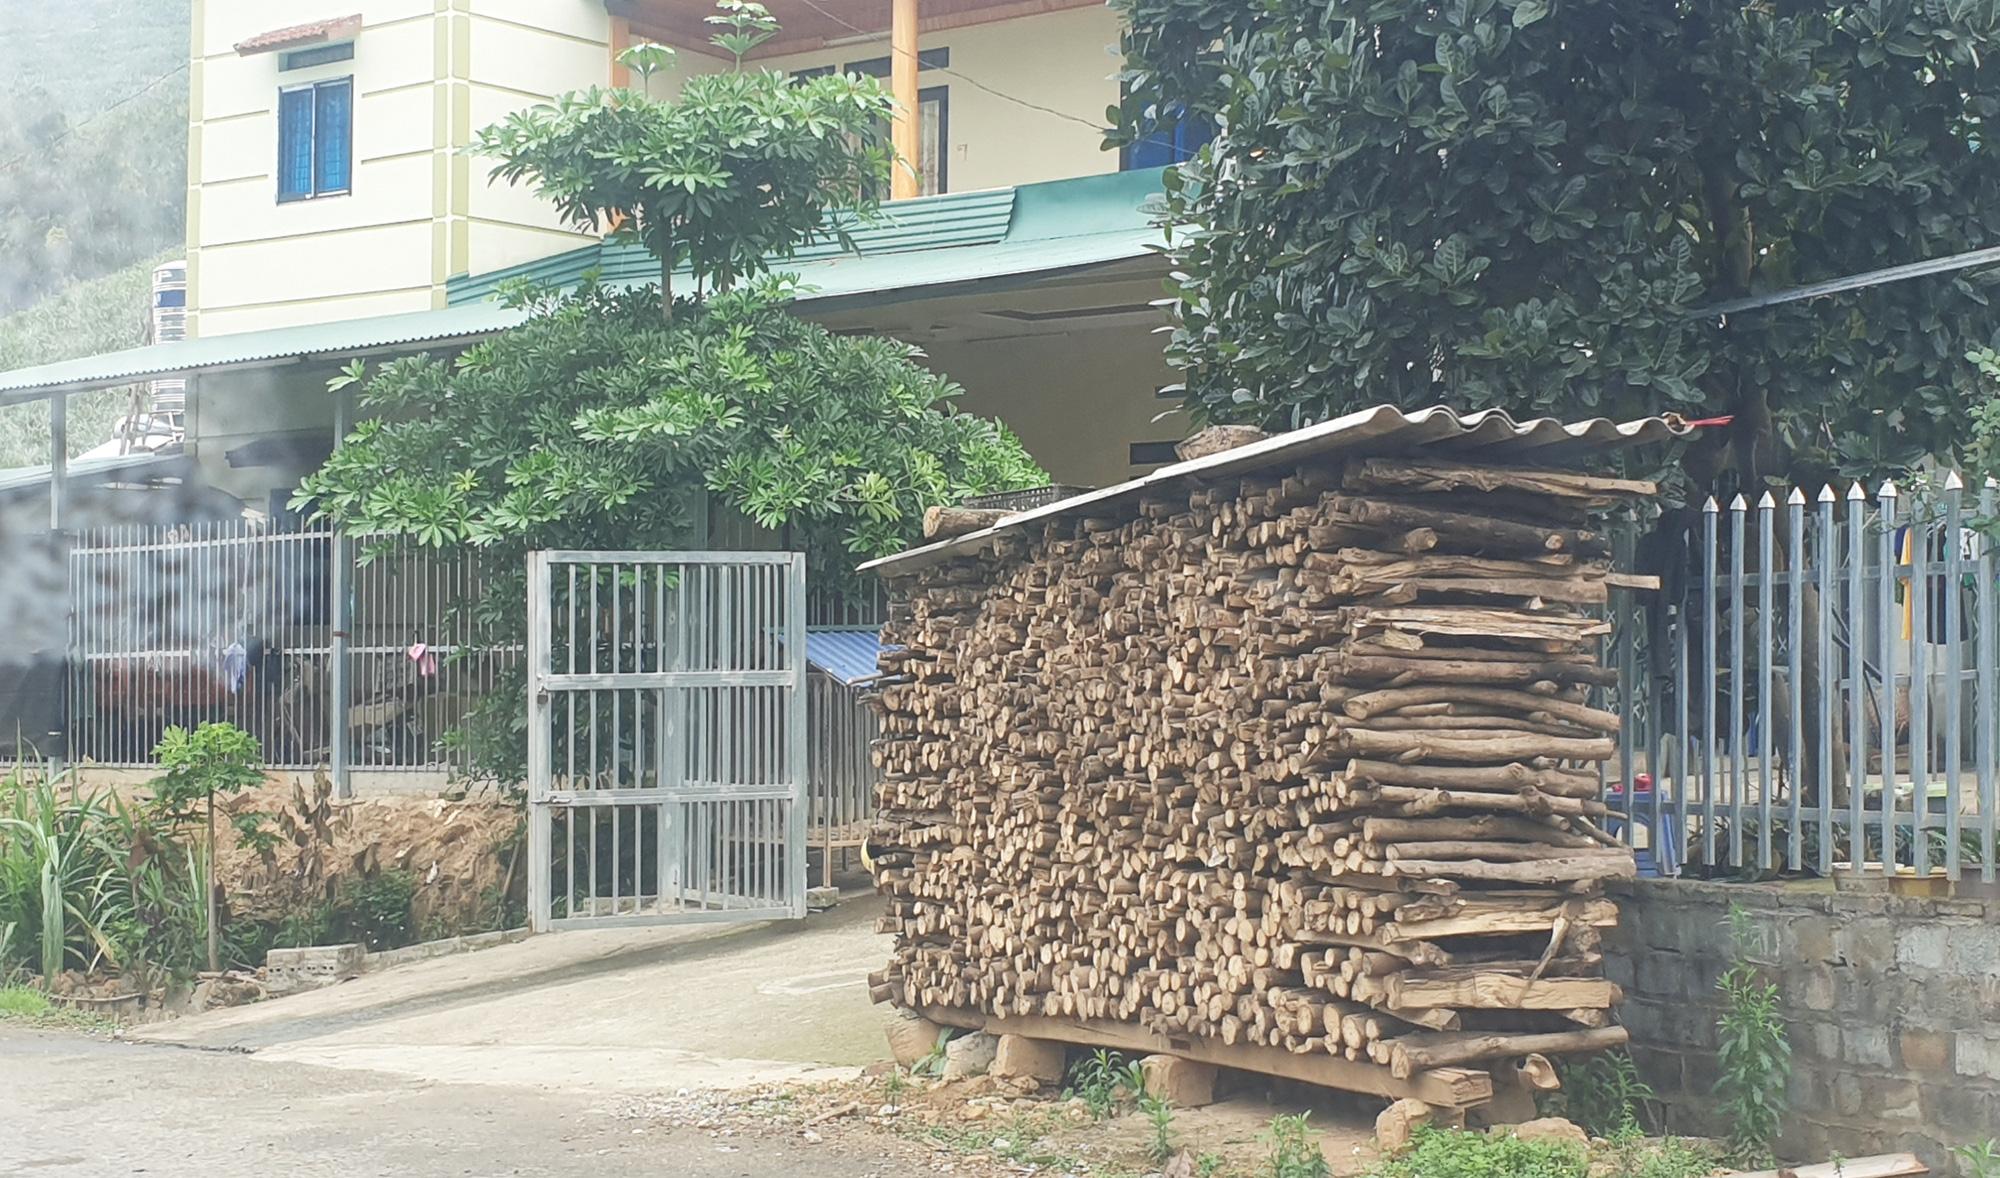 """Lào Cai: Mòn mỏi chờ đợi rồi thất vọng, nhiều hộ dân cay đắng phá bỏ cây """"vàng trắng"""" làm củi - Ảnh 5."""